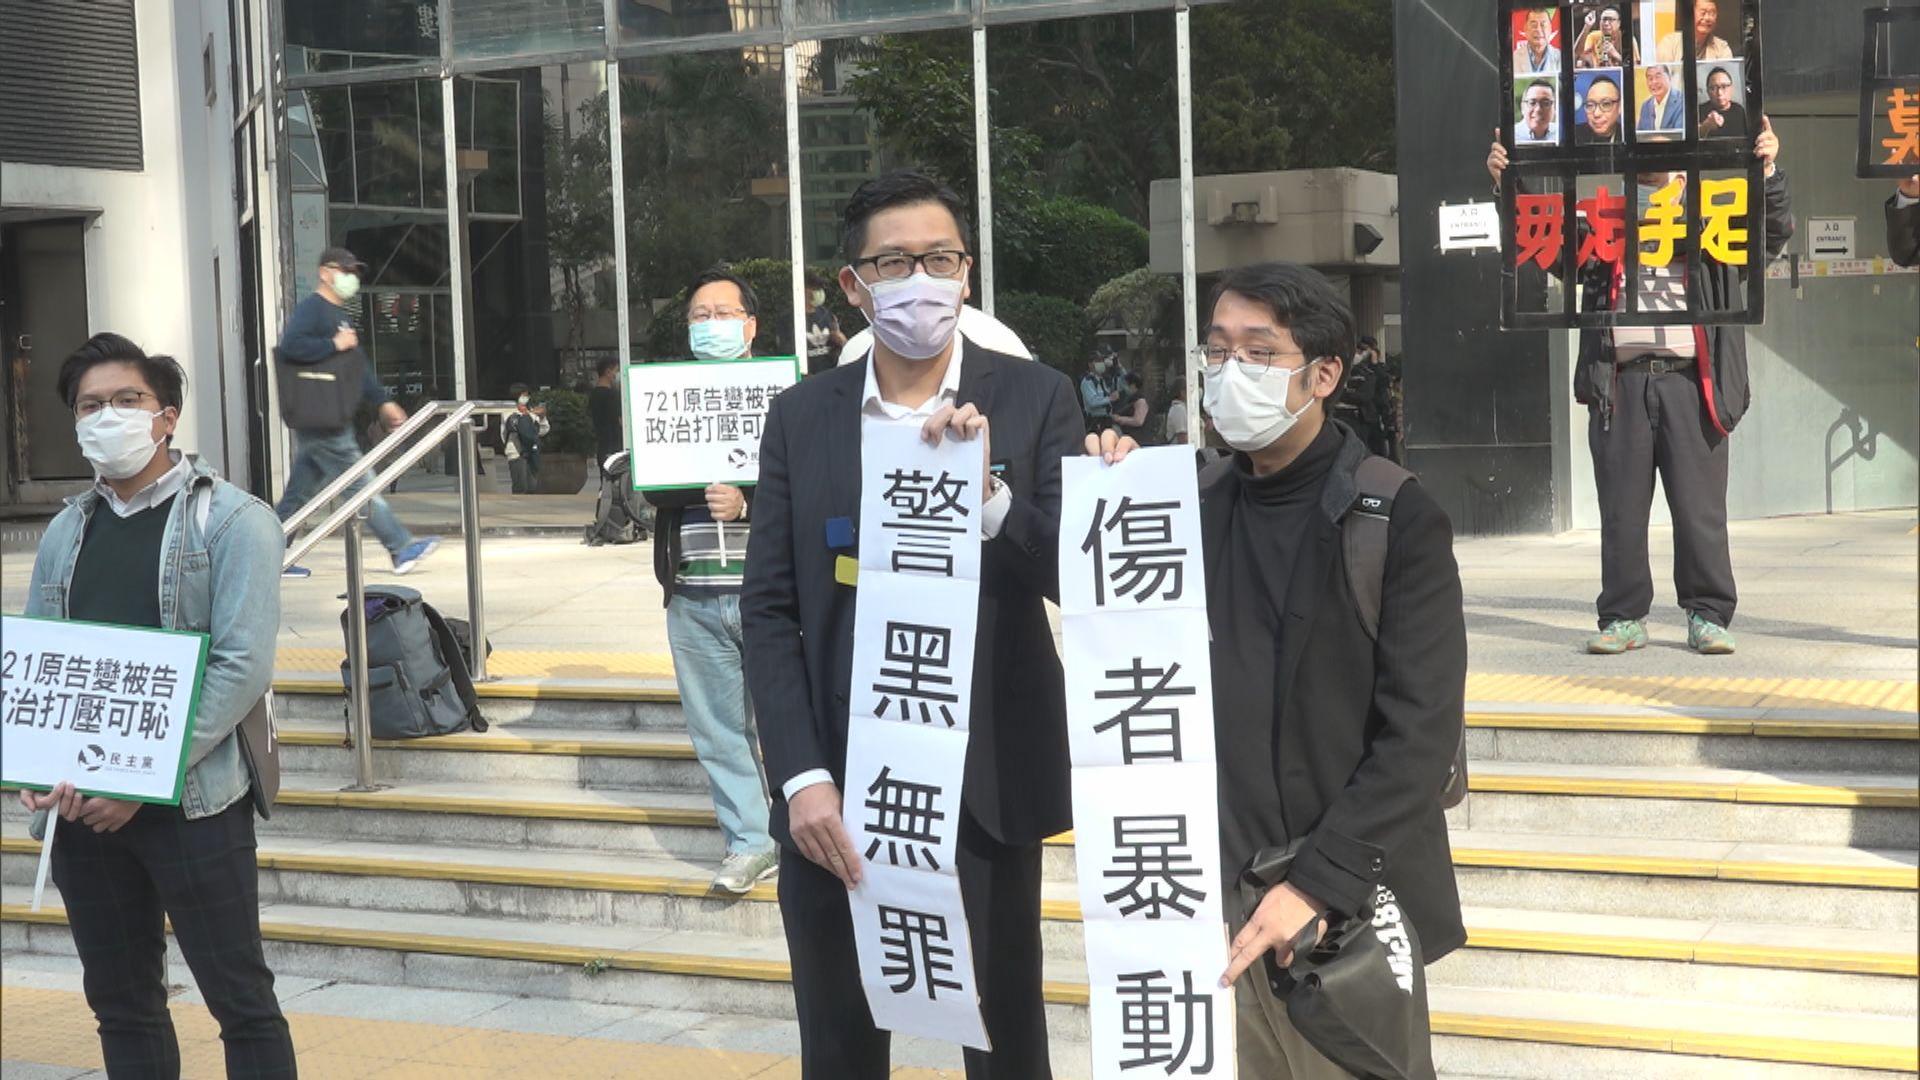 721元朗襲擊林卓廷等七人被控暴動 3月再提訊